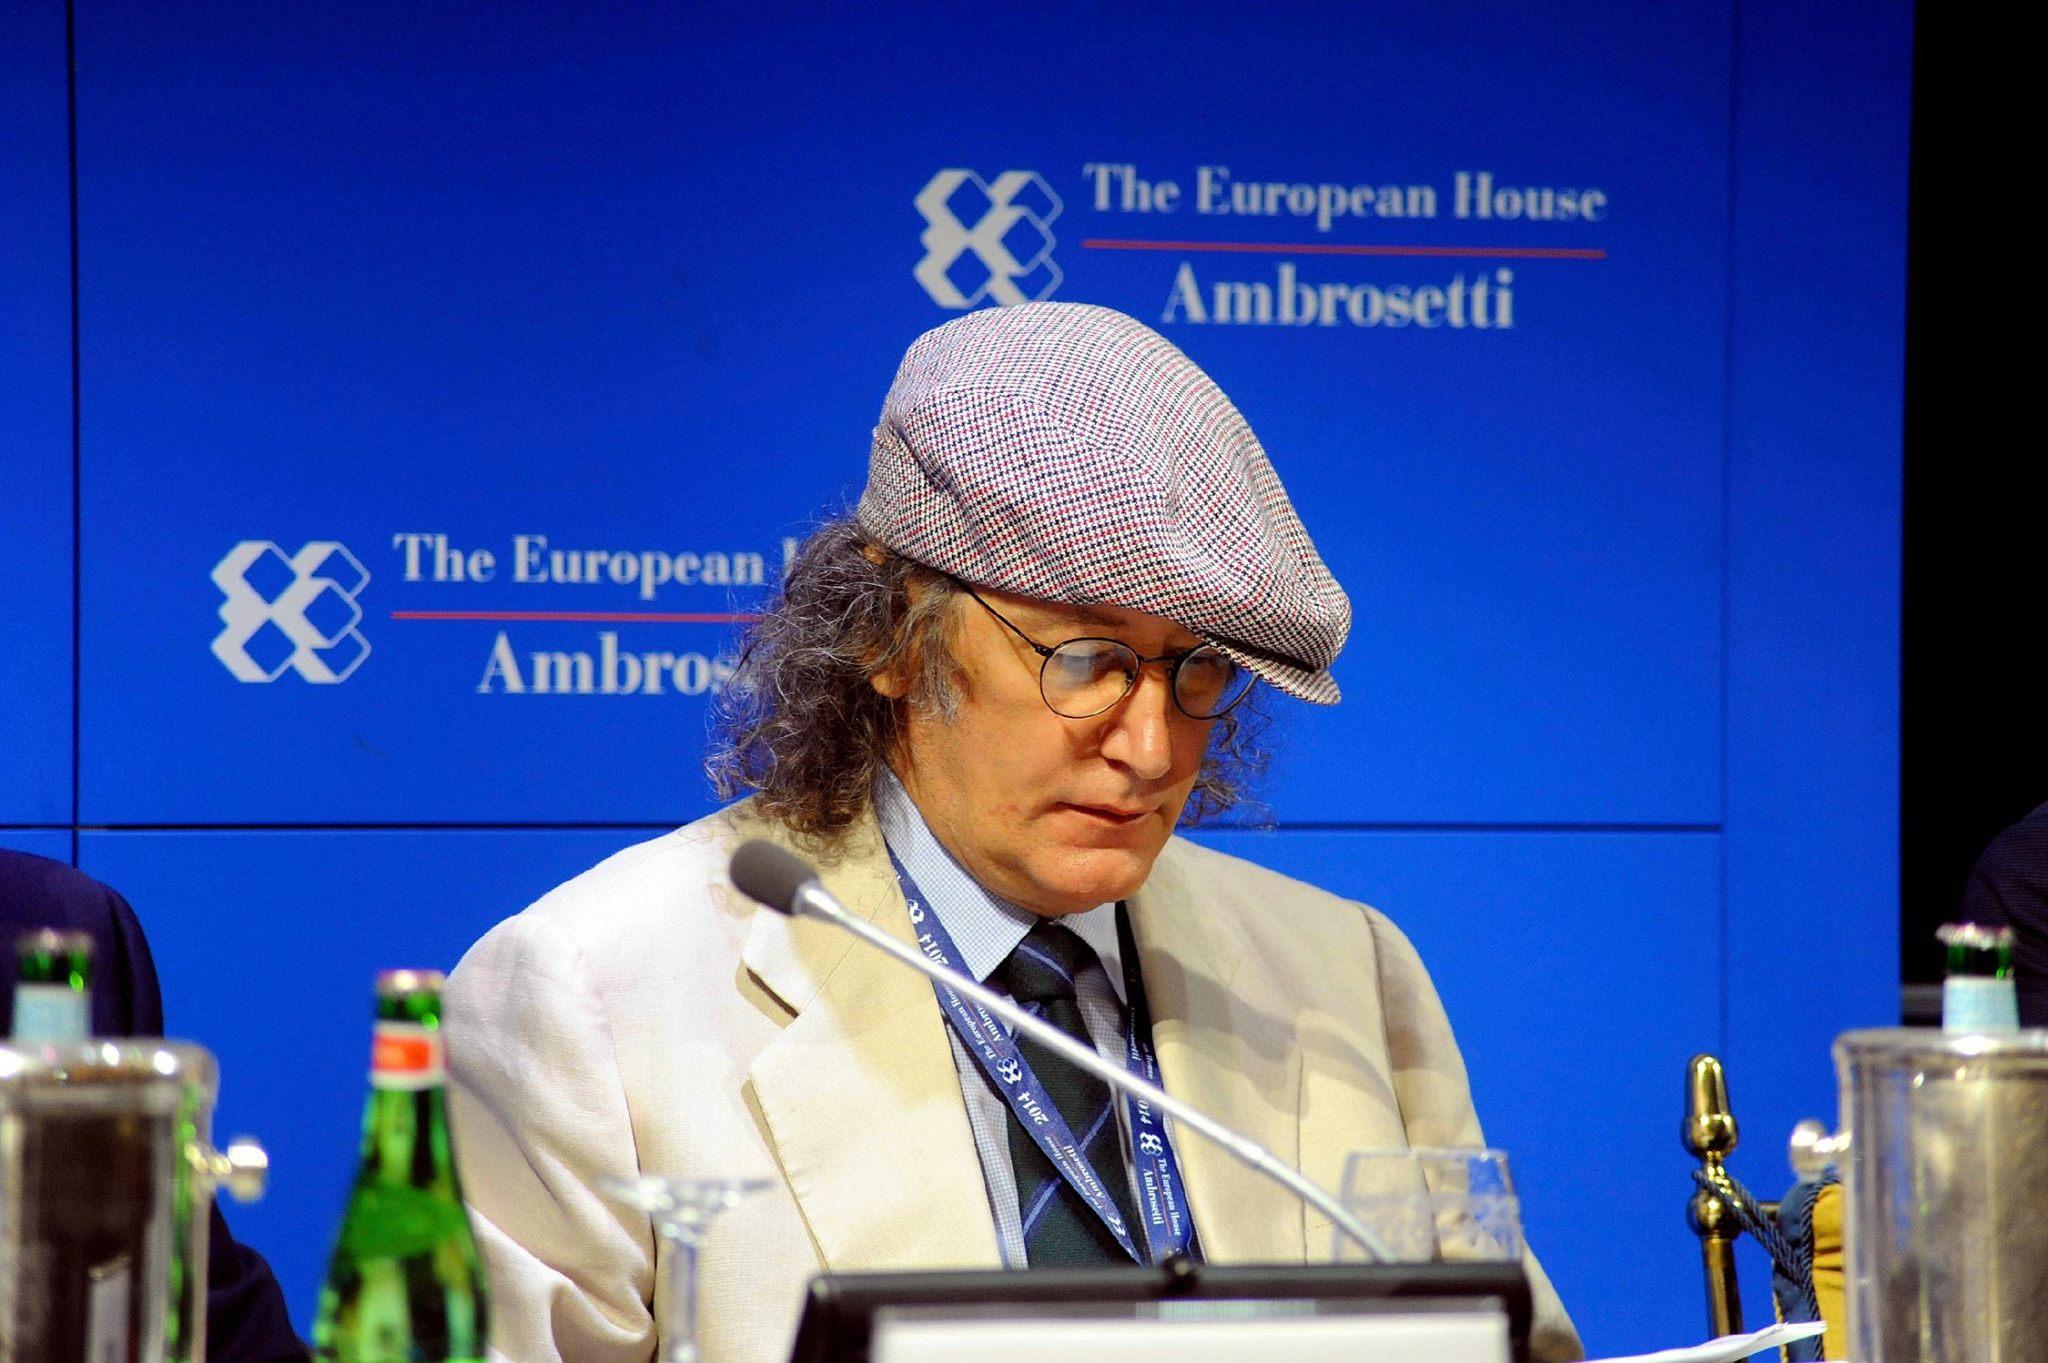 Nella foto: l'intervento di Casaleggio al Forum Ambrosetti